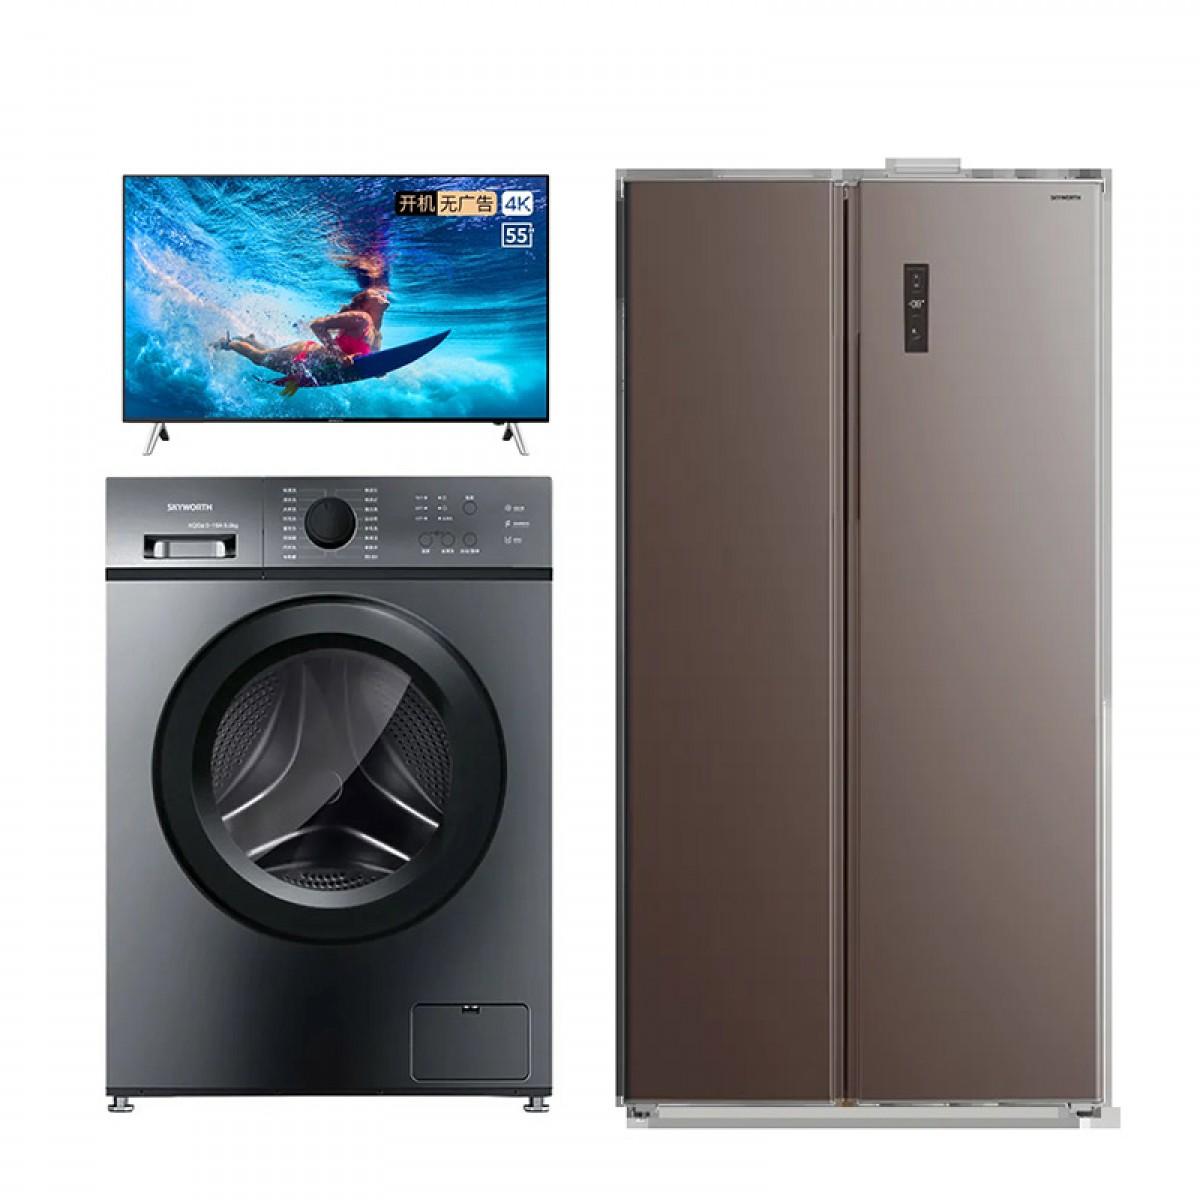 创维冰洗彩特惠三件套(4K超高清电视55B20+无霜冰箱BCD543WY+滚筒洗衣机F1018LU)